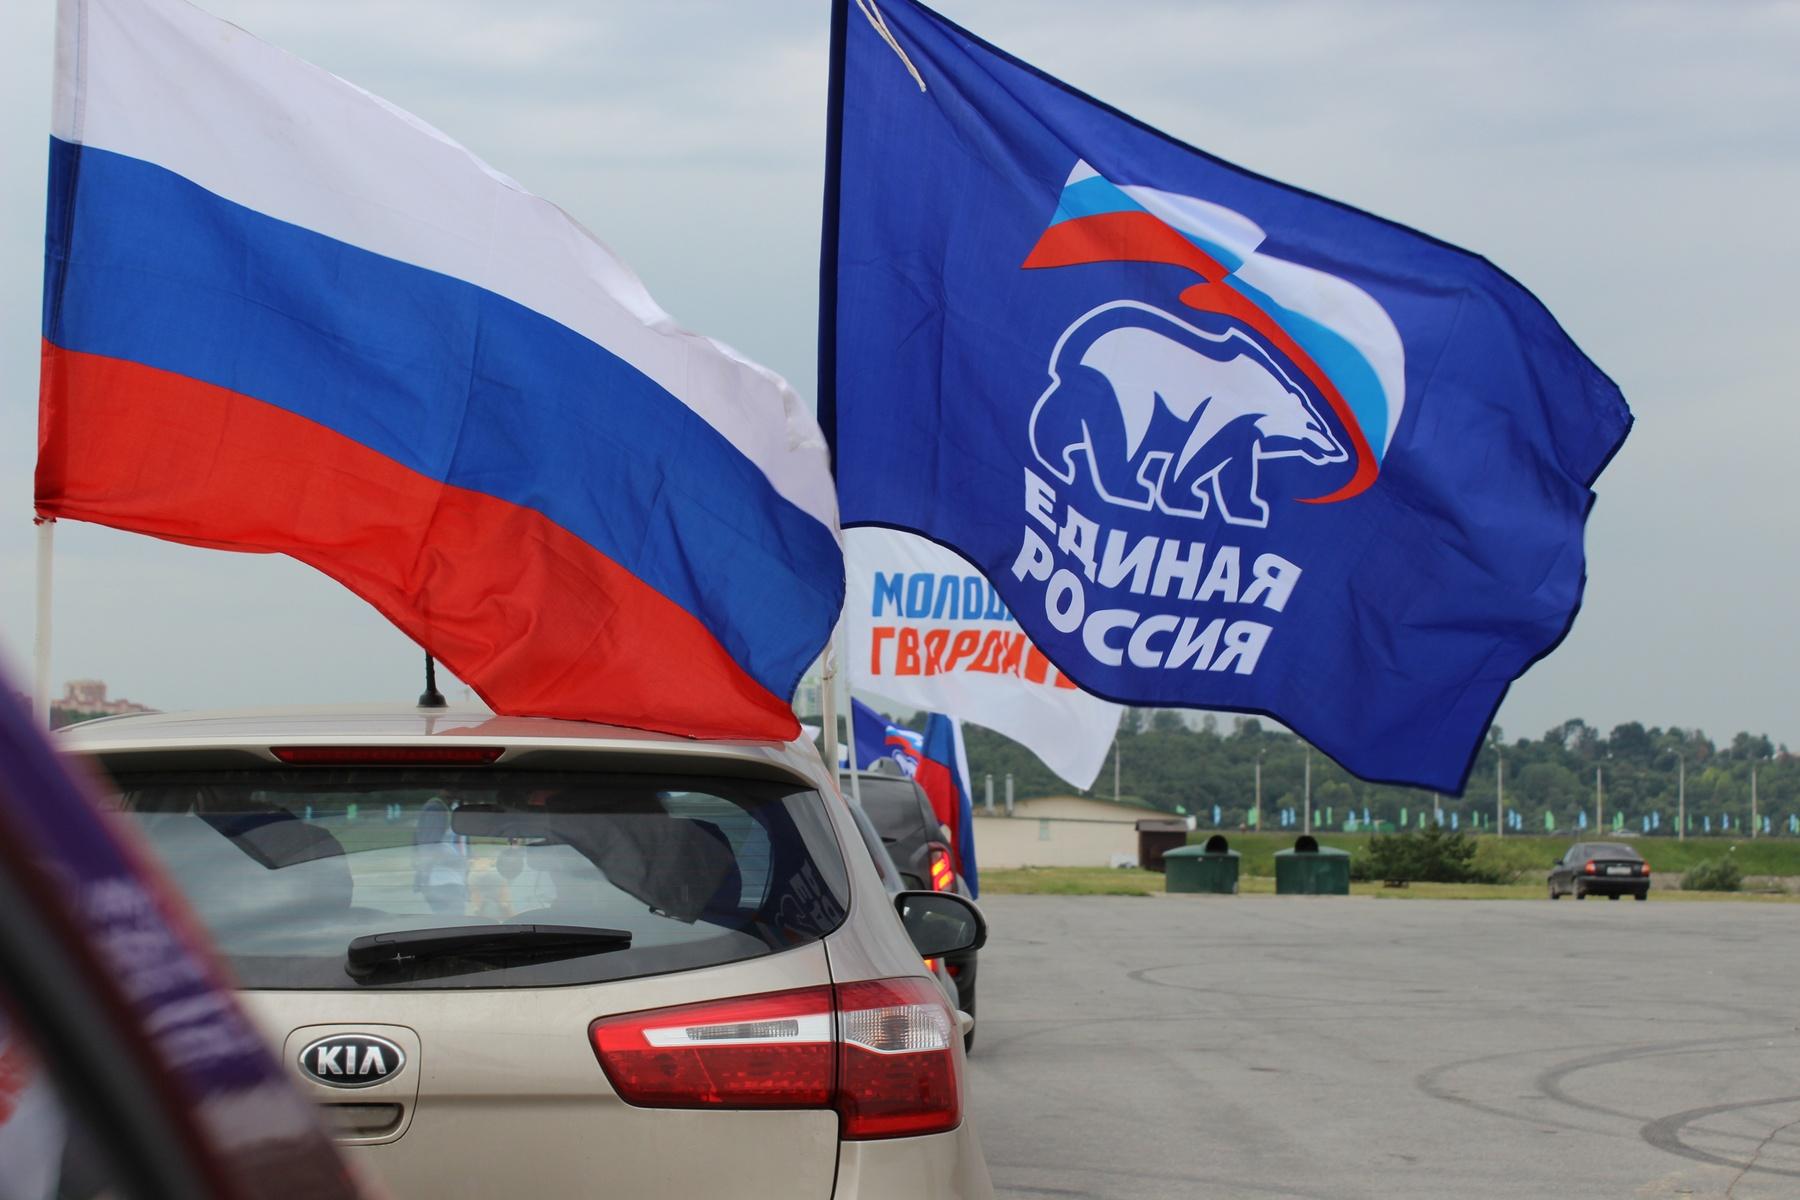 эти фото с флагами единой россии недостаток обновления слайдов